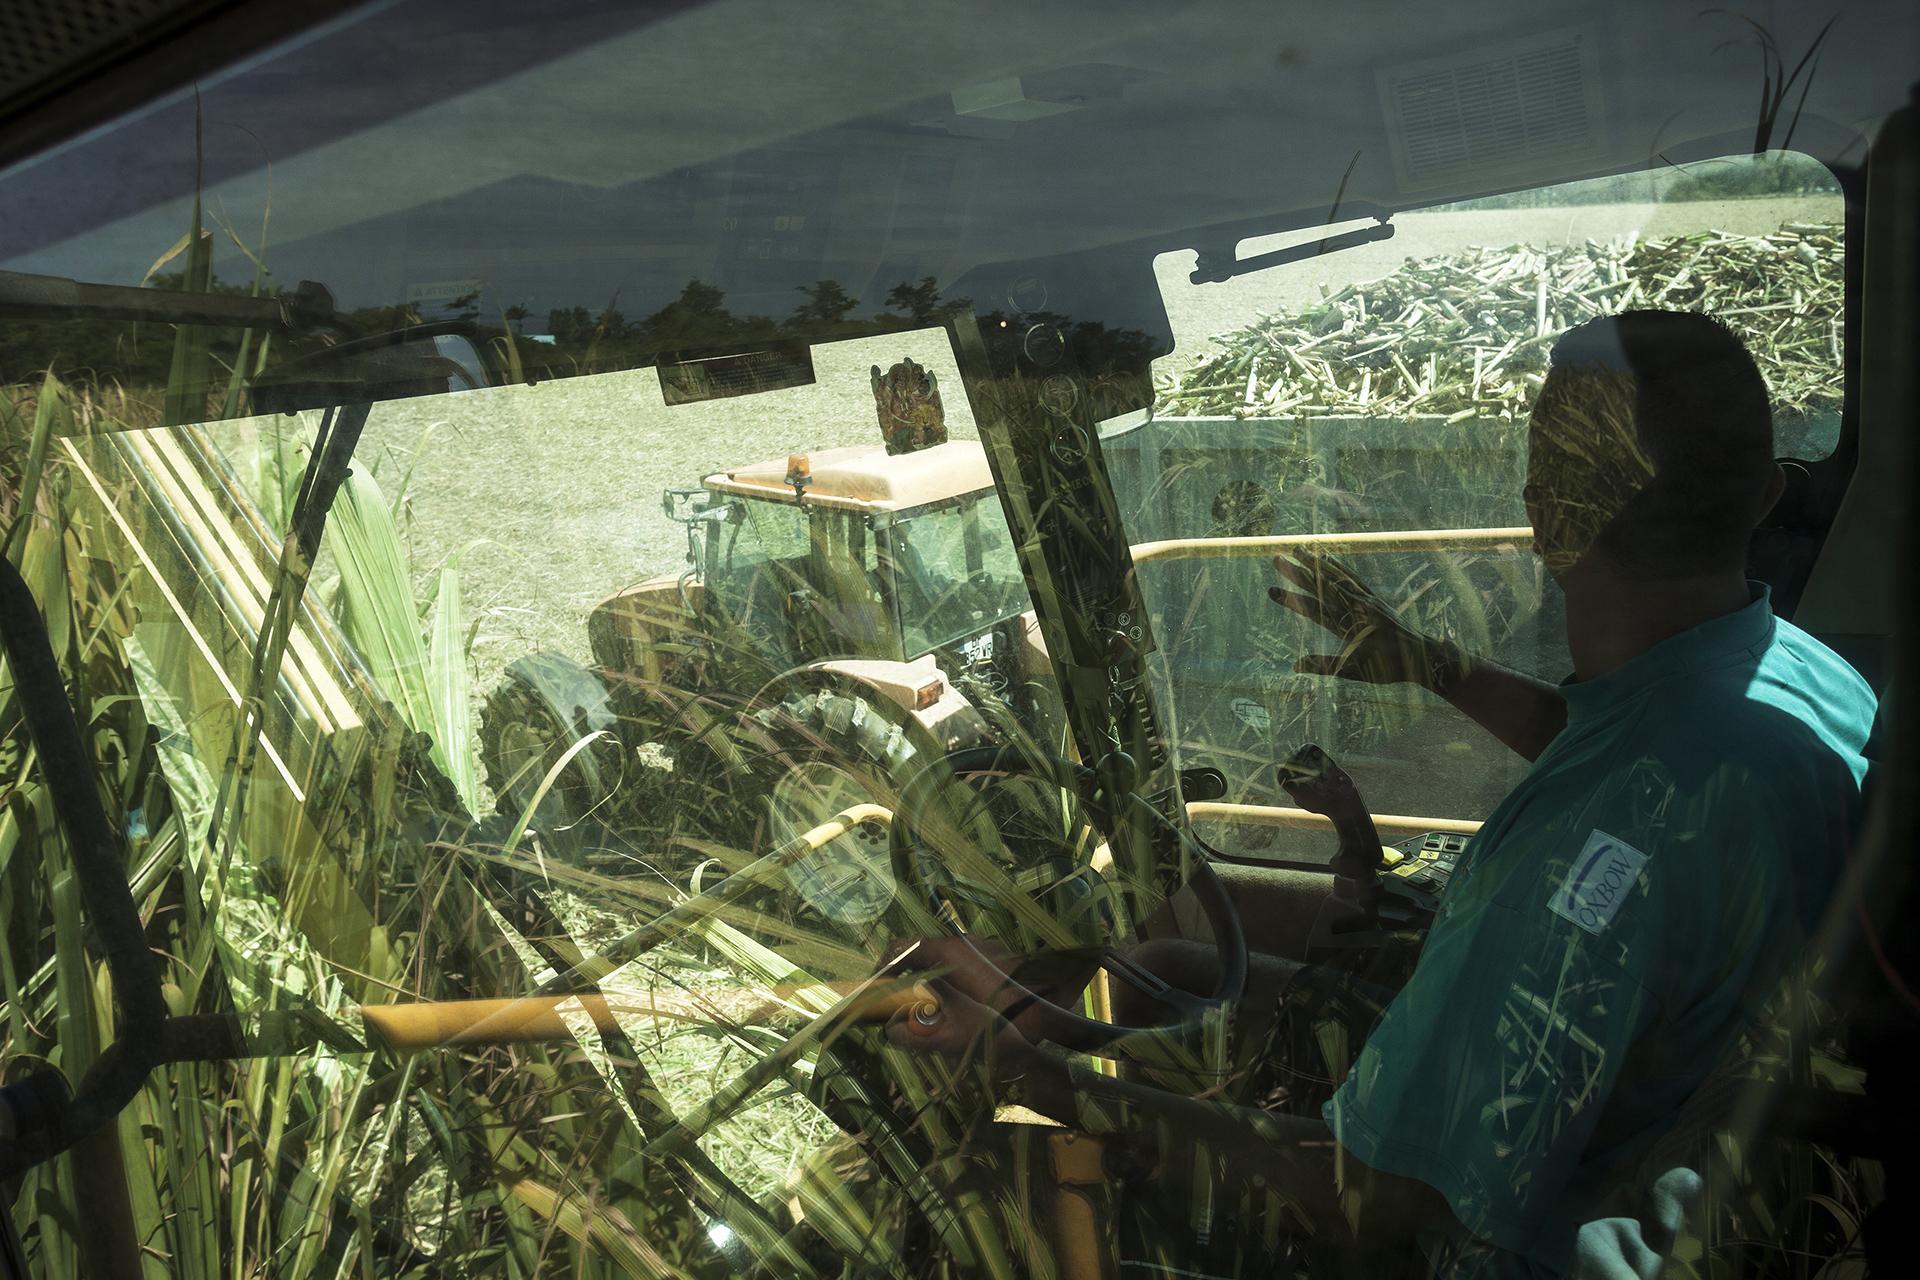 Récolte industrielle de la canne à sucre sur une des grandes propriétés du sud de l'île. Novembre 2012, commune de Saint-Pierre, île de la Réunion.